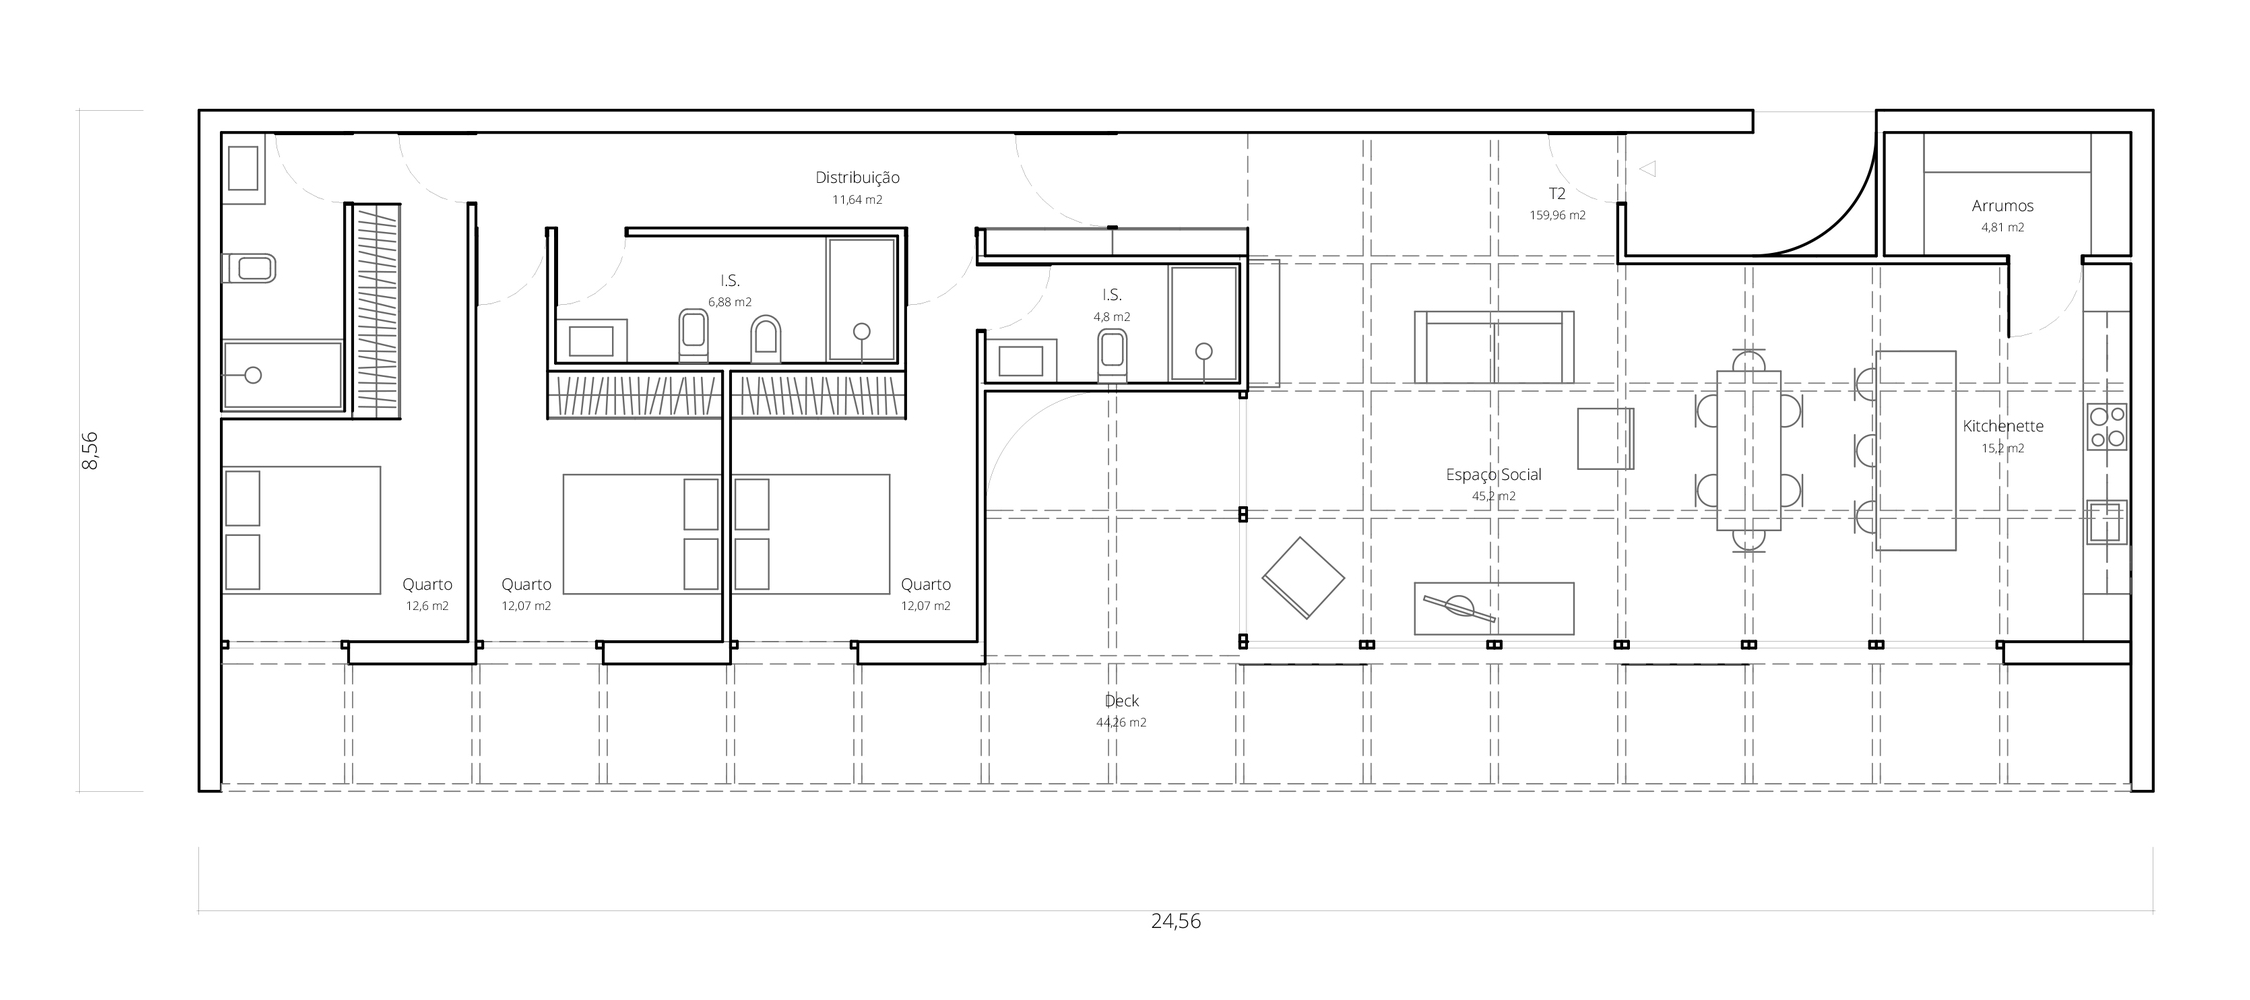 T3 - 159,96 m2